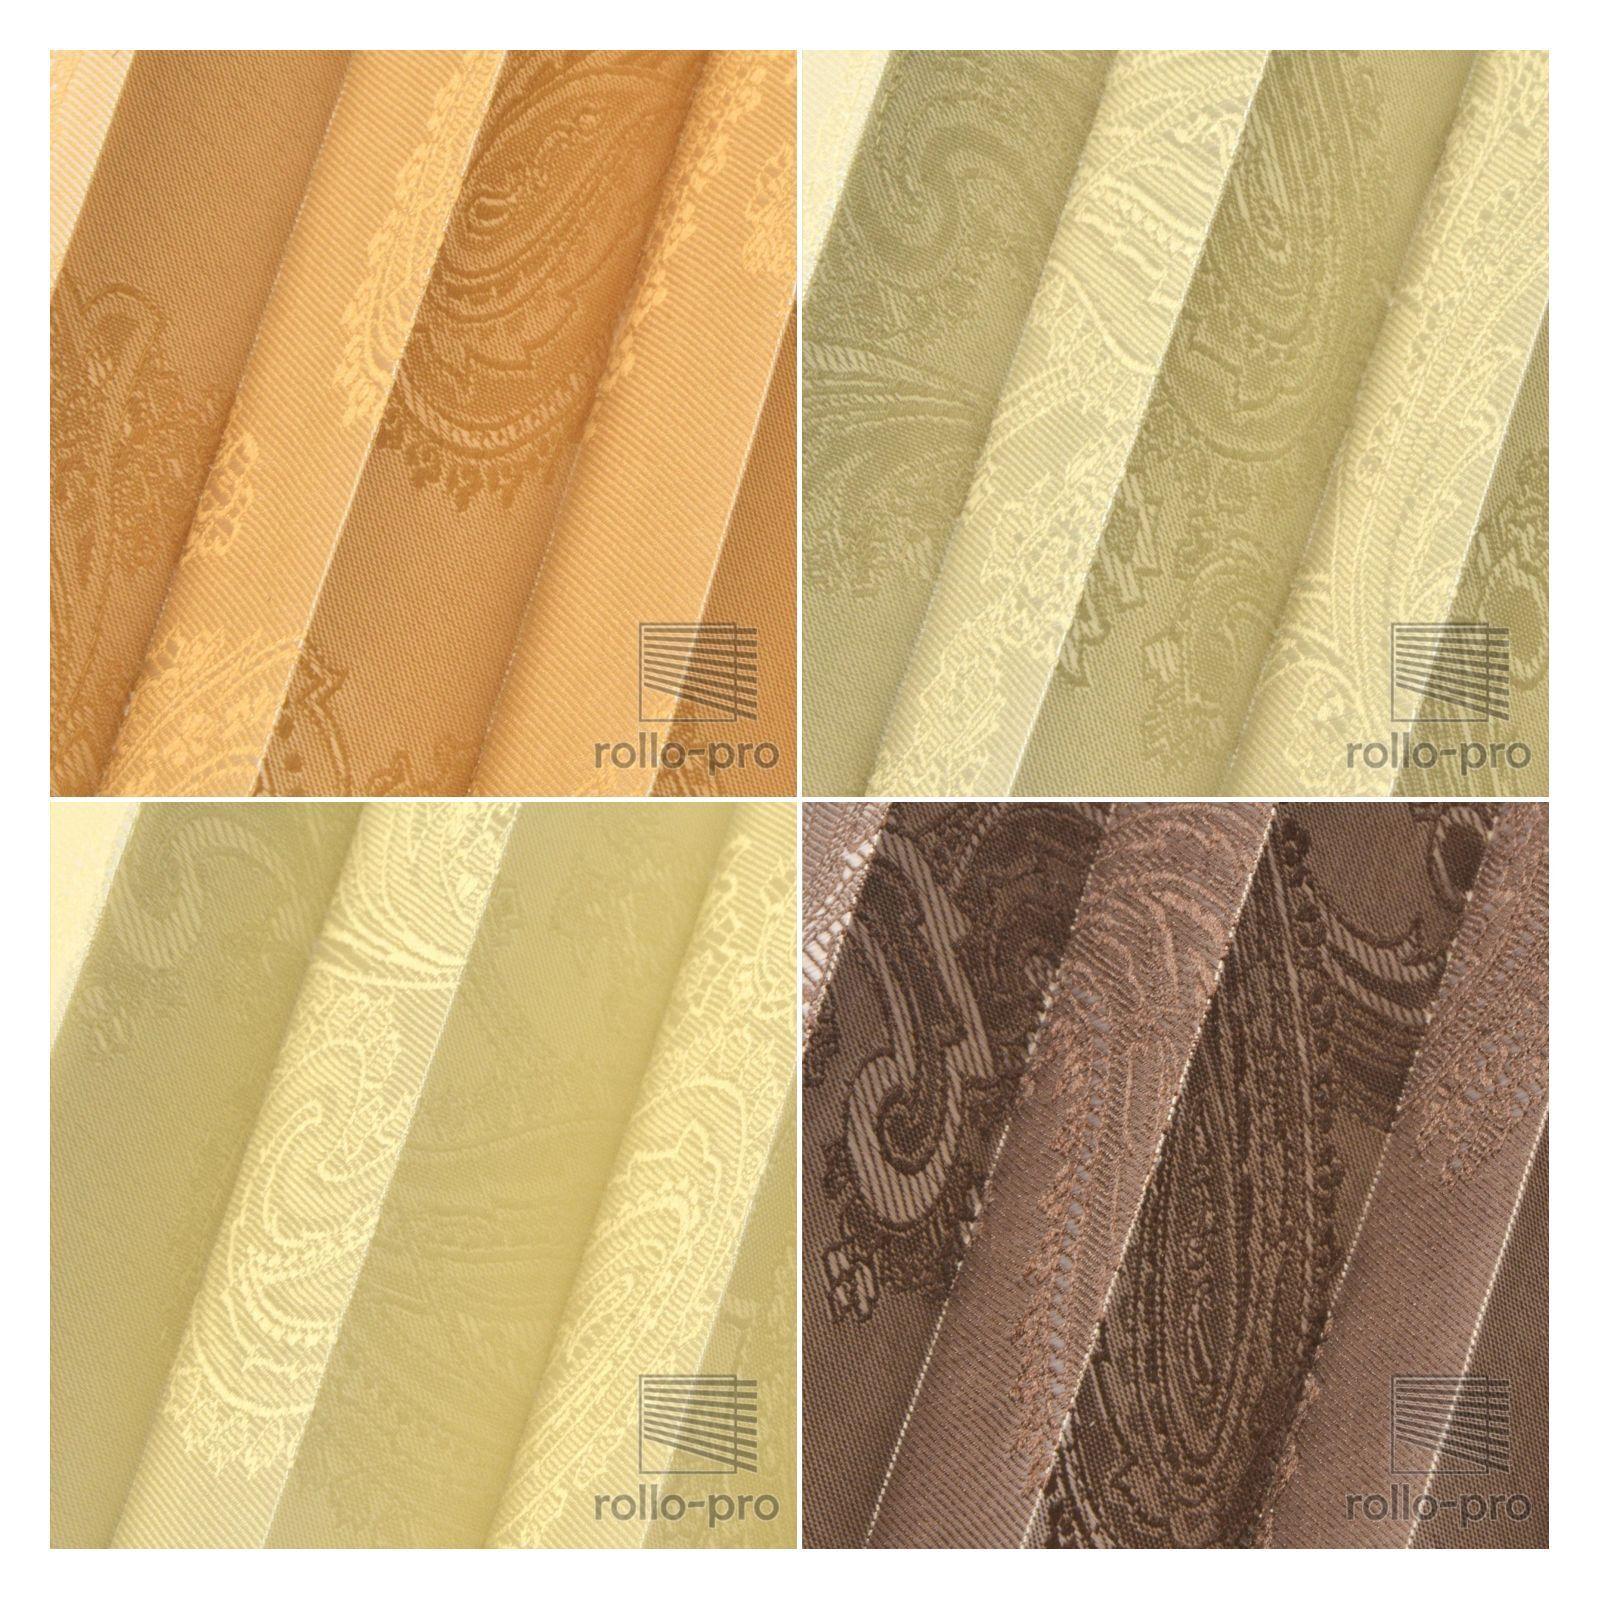 Plissee Faltrollo ohne Bohren Plisee nach Maß  FIGURADO    Profil Golden Eiche NEU | Exquisite Handwerkskunst  97157b